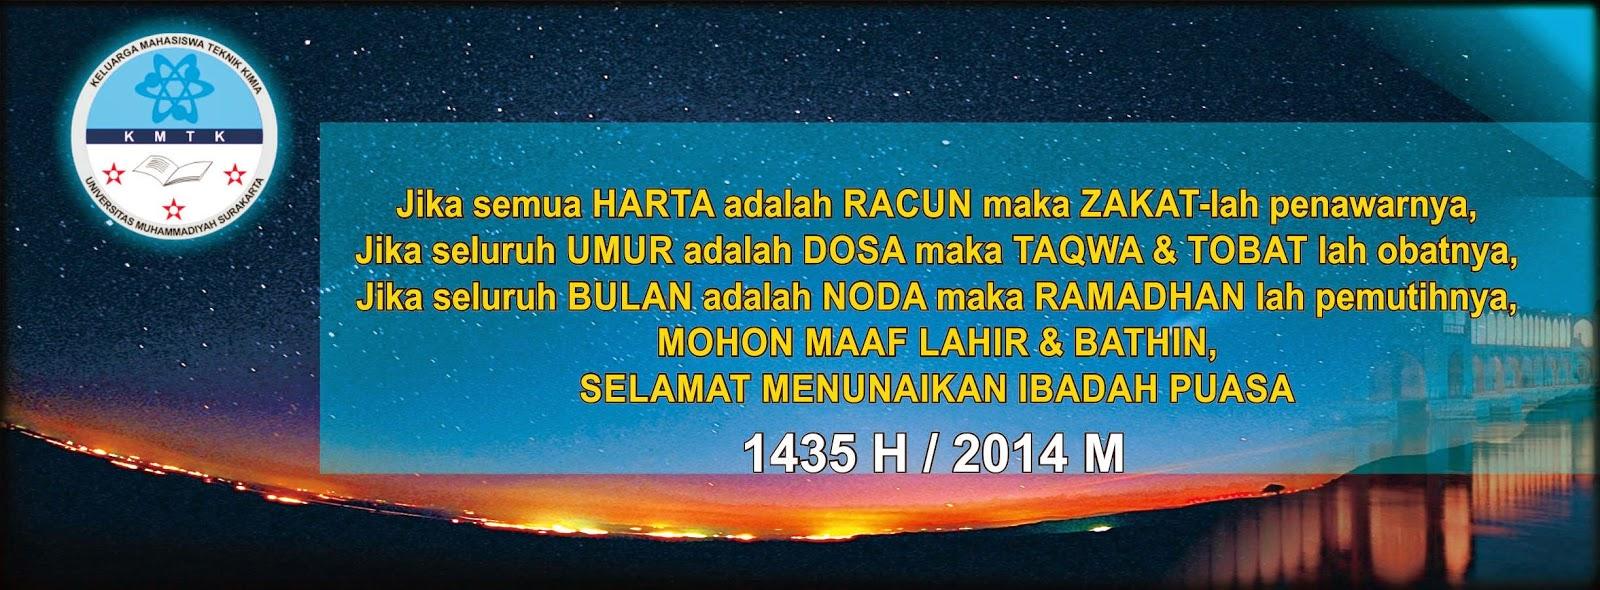 KMTK UMS Ramadhan 2014